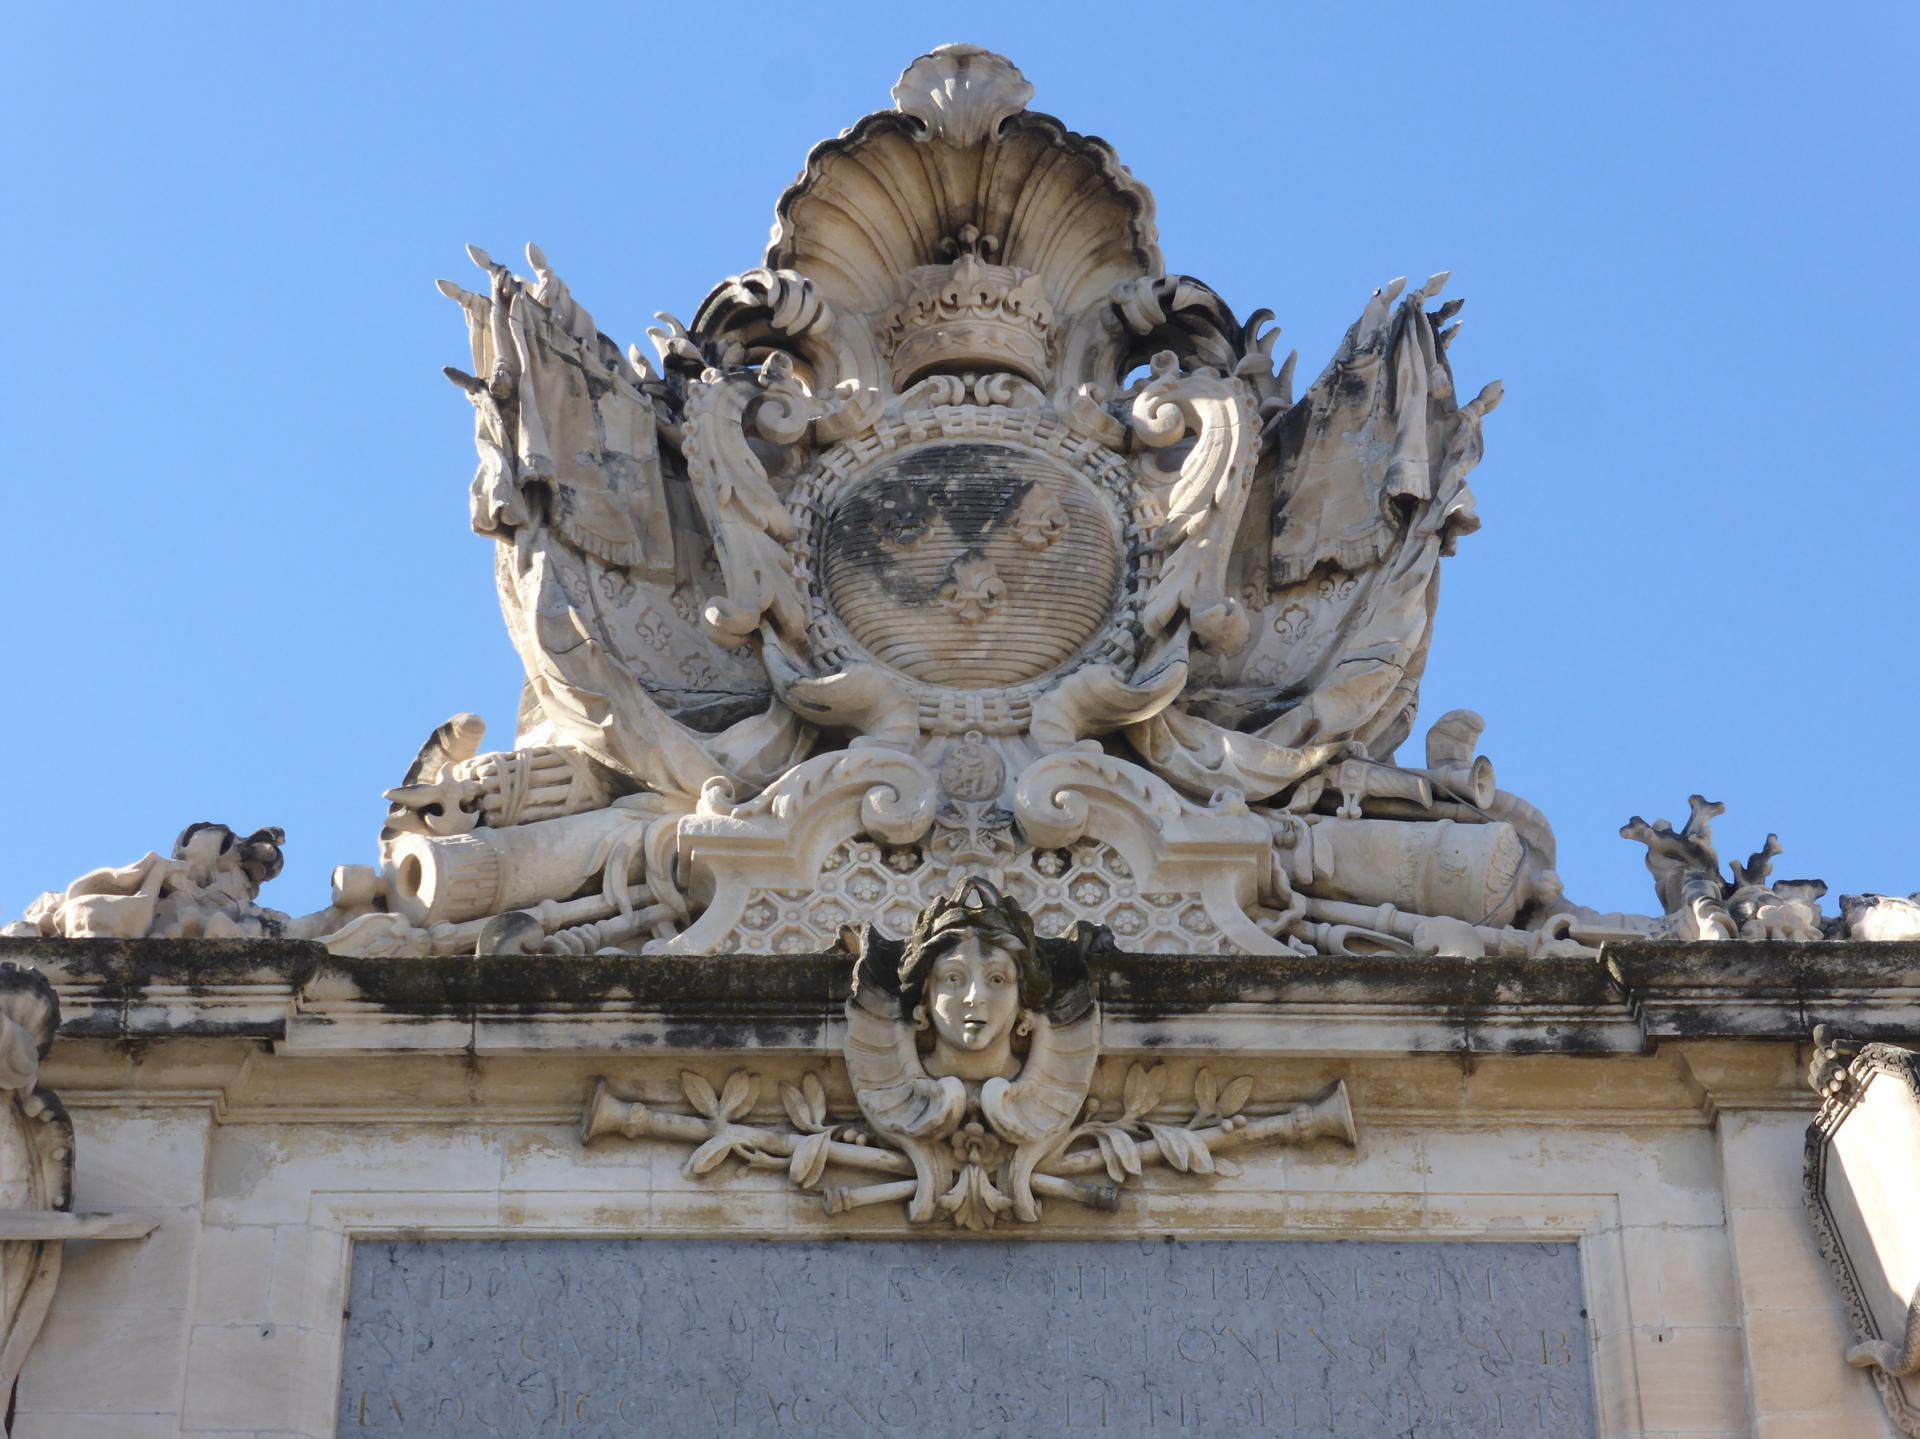 Joseph Hubac, dit l'Ancien : Trophées aux armes royales, vers 1730 (cliché Philippe Cachau)